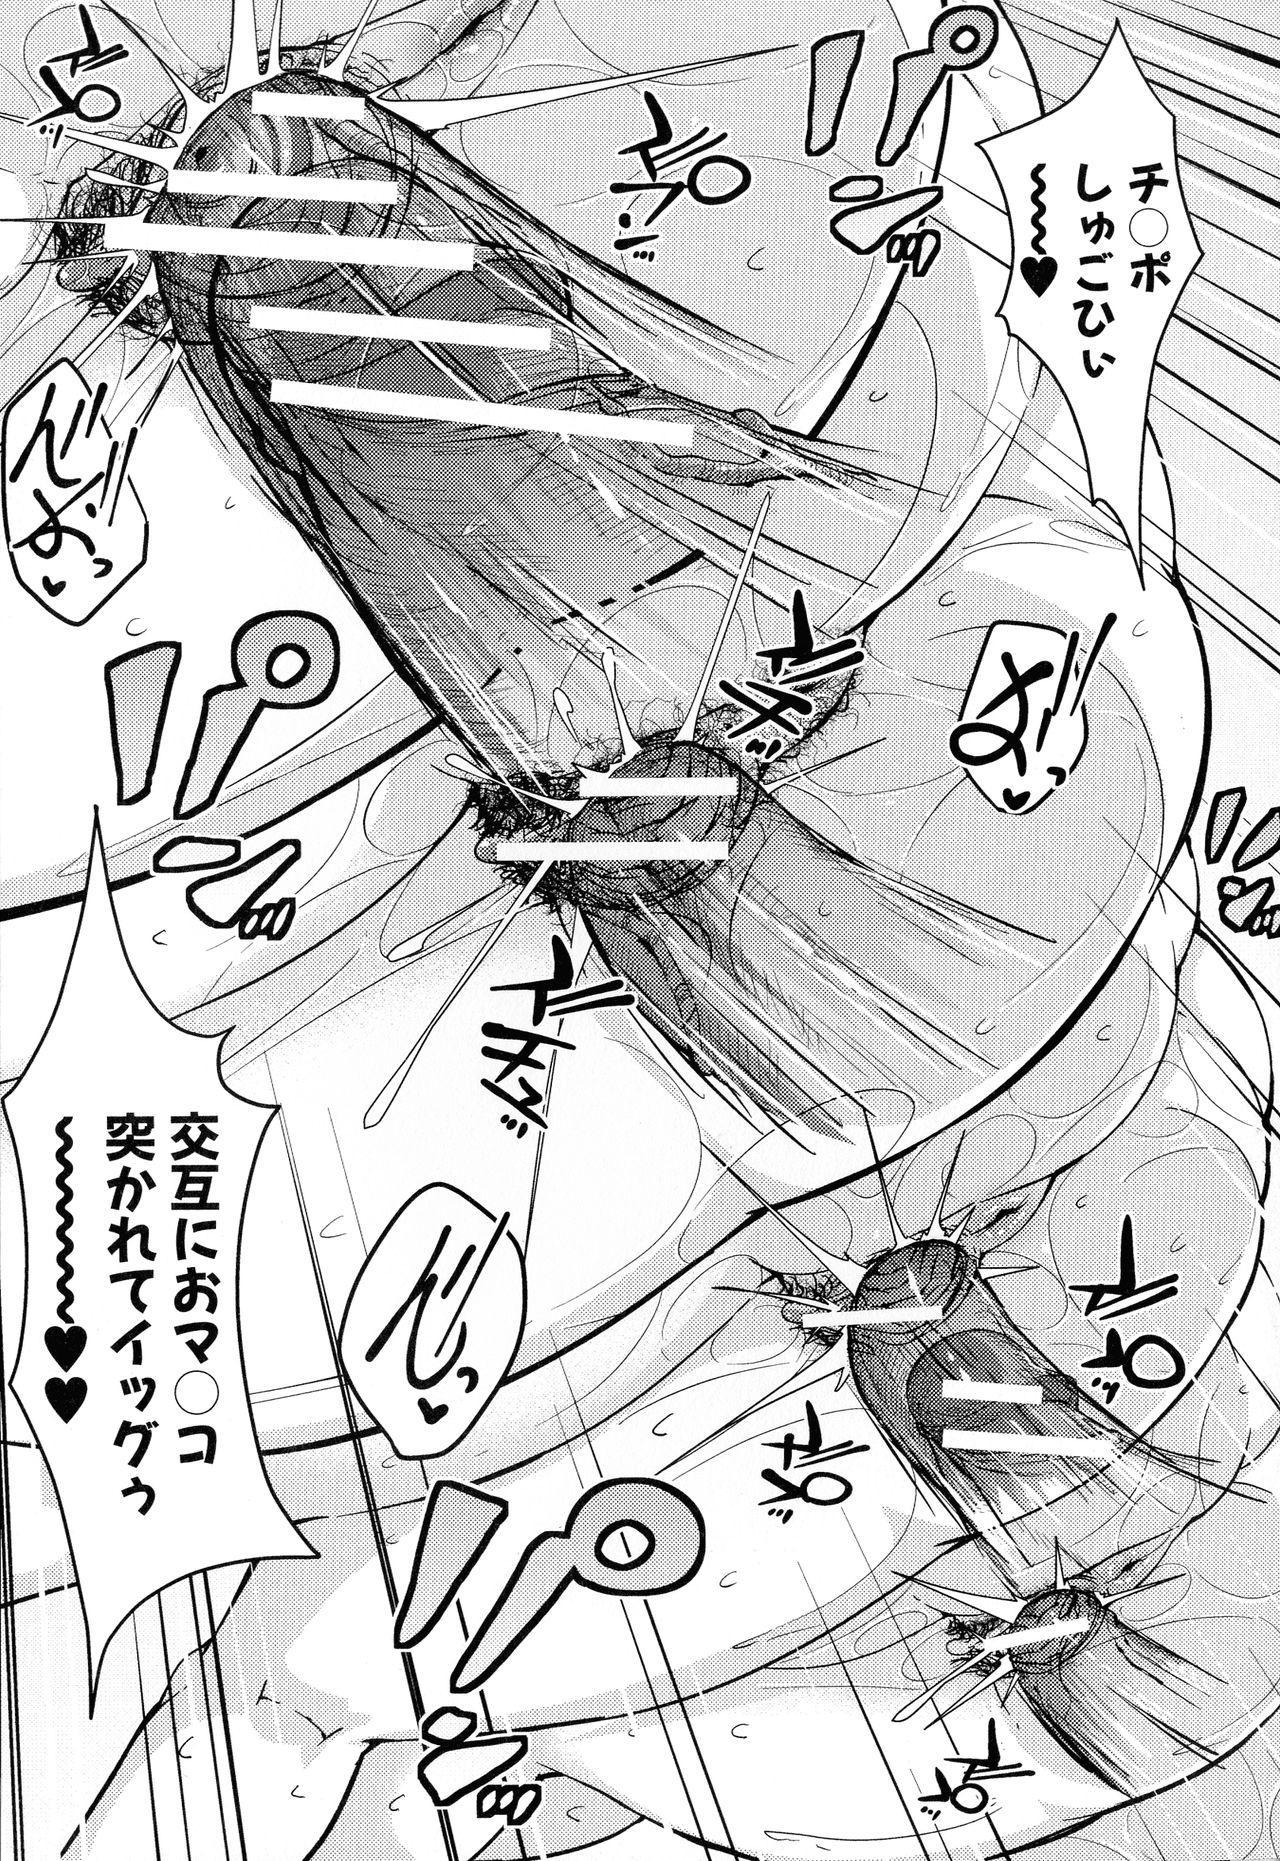 100% Maketa Watashi no Ana - Guchogucho ni Okashitekuru Aitsu no Kyokon 123